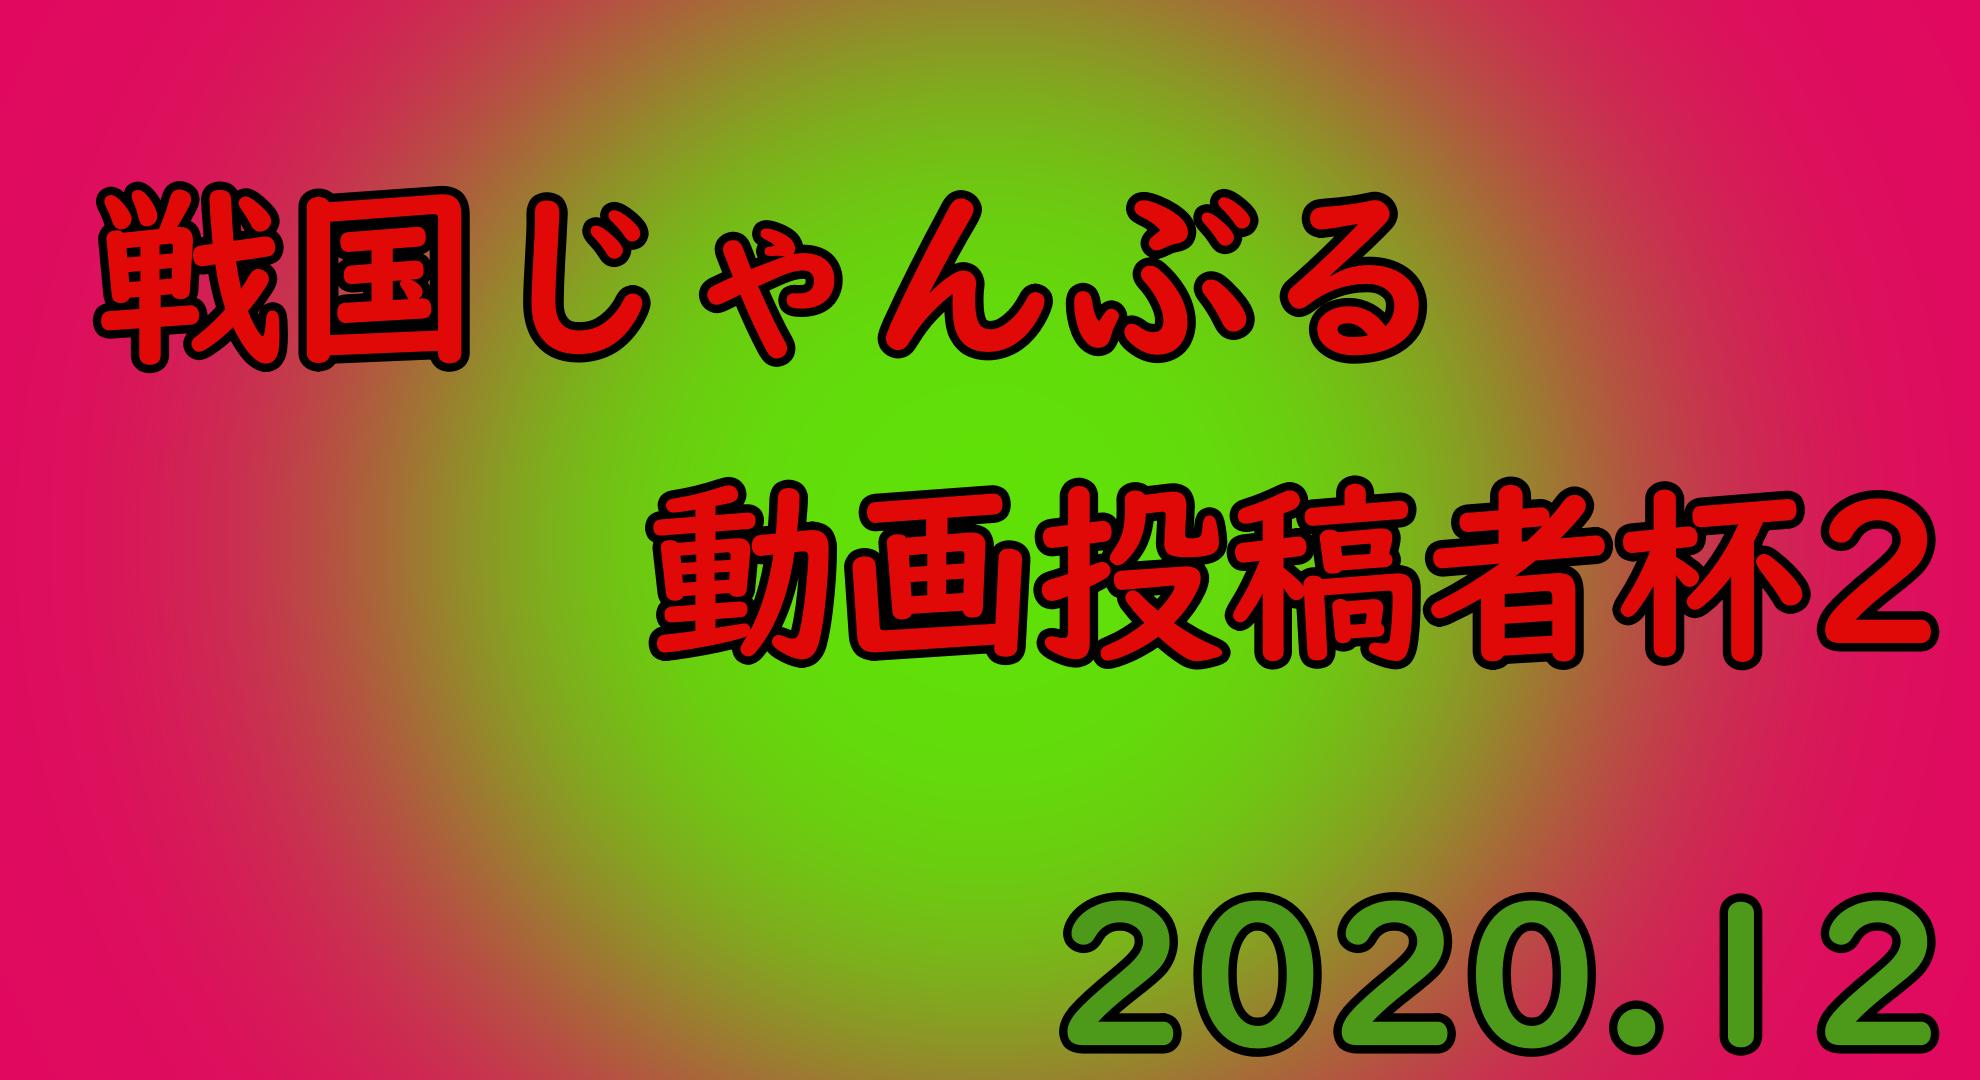 動画投稿者杯2 PR